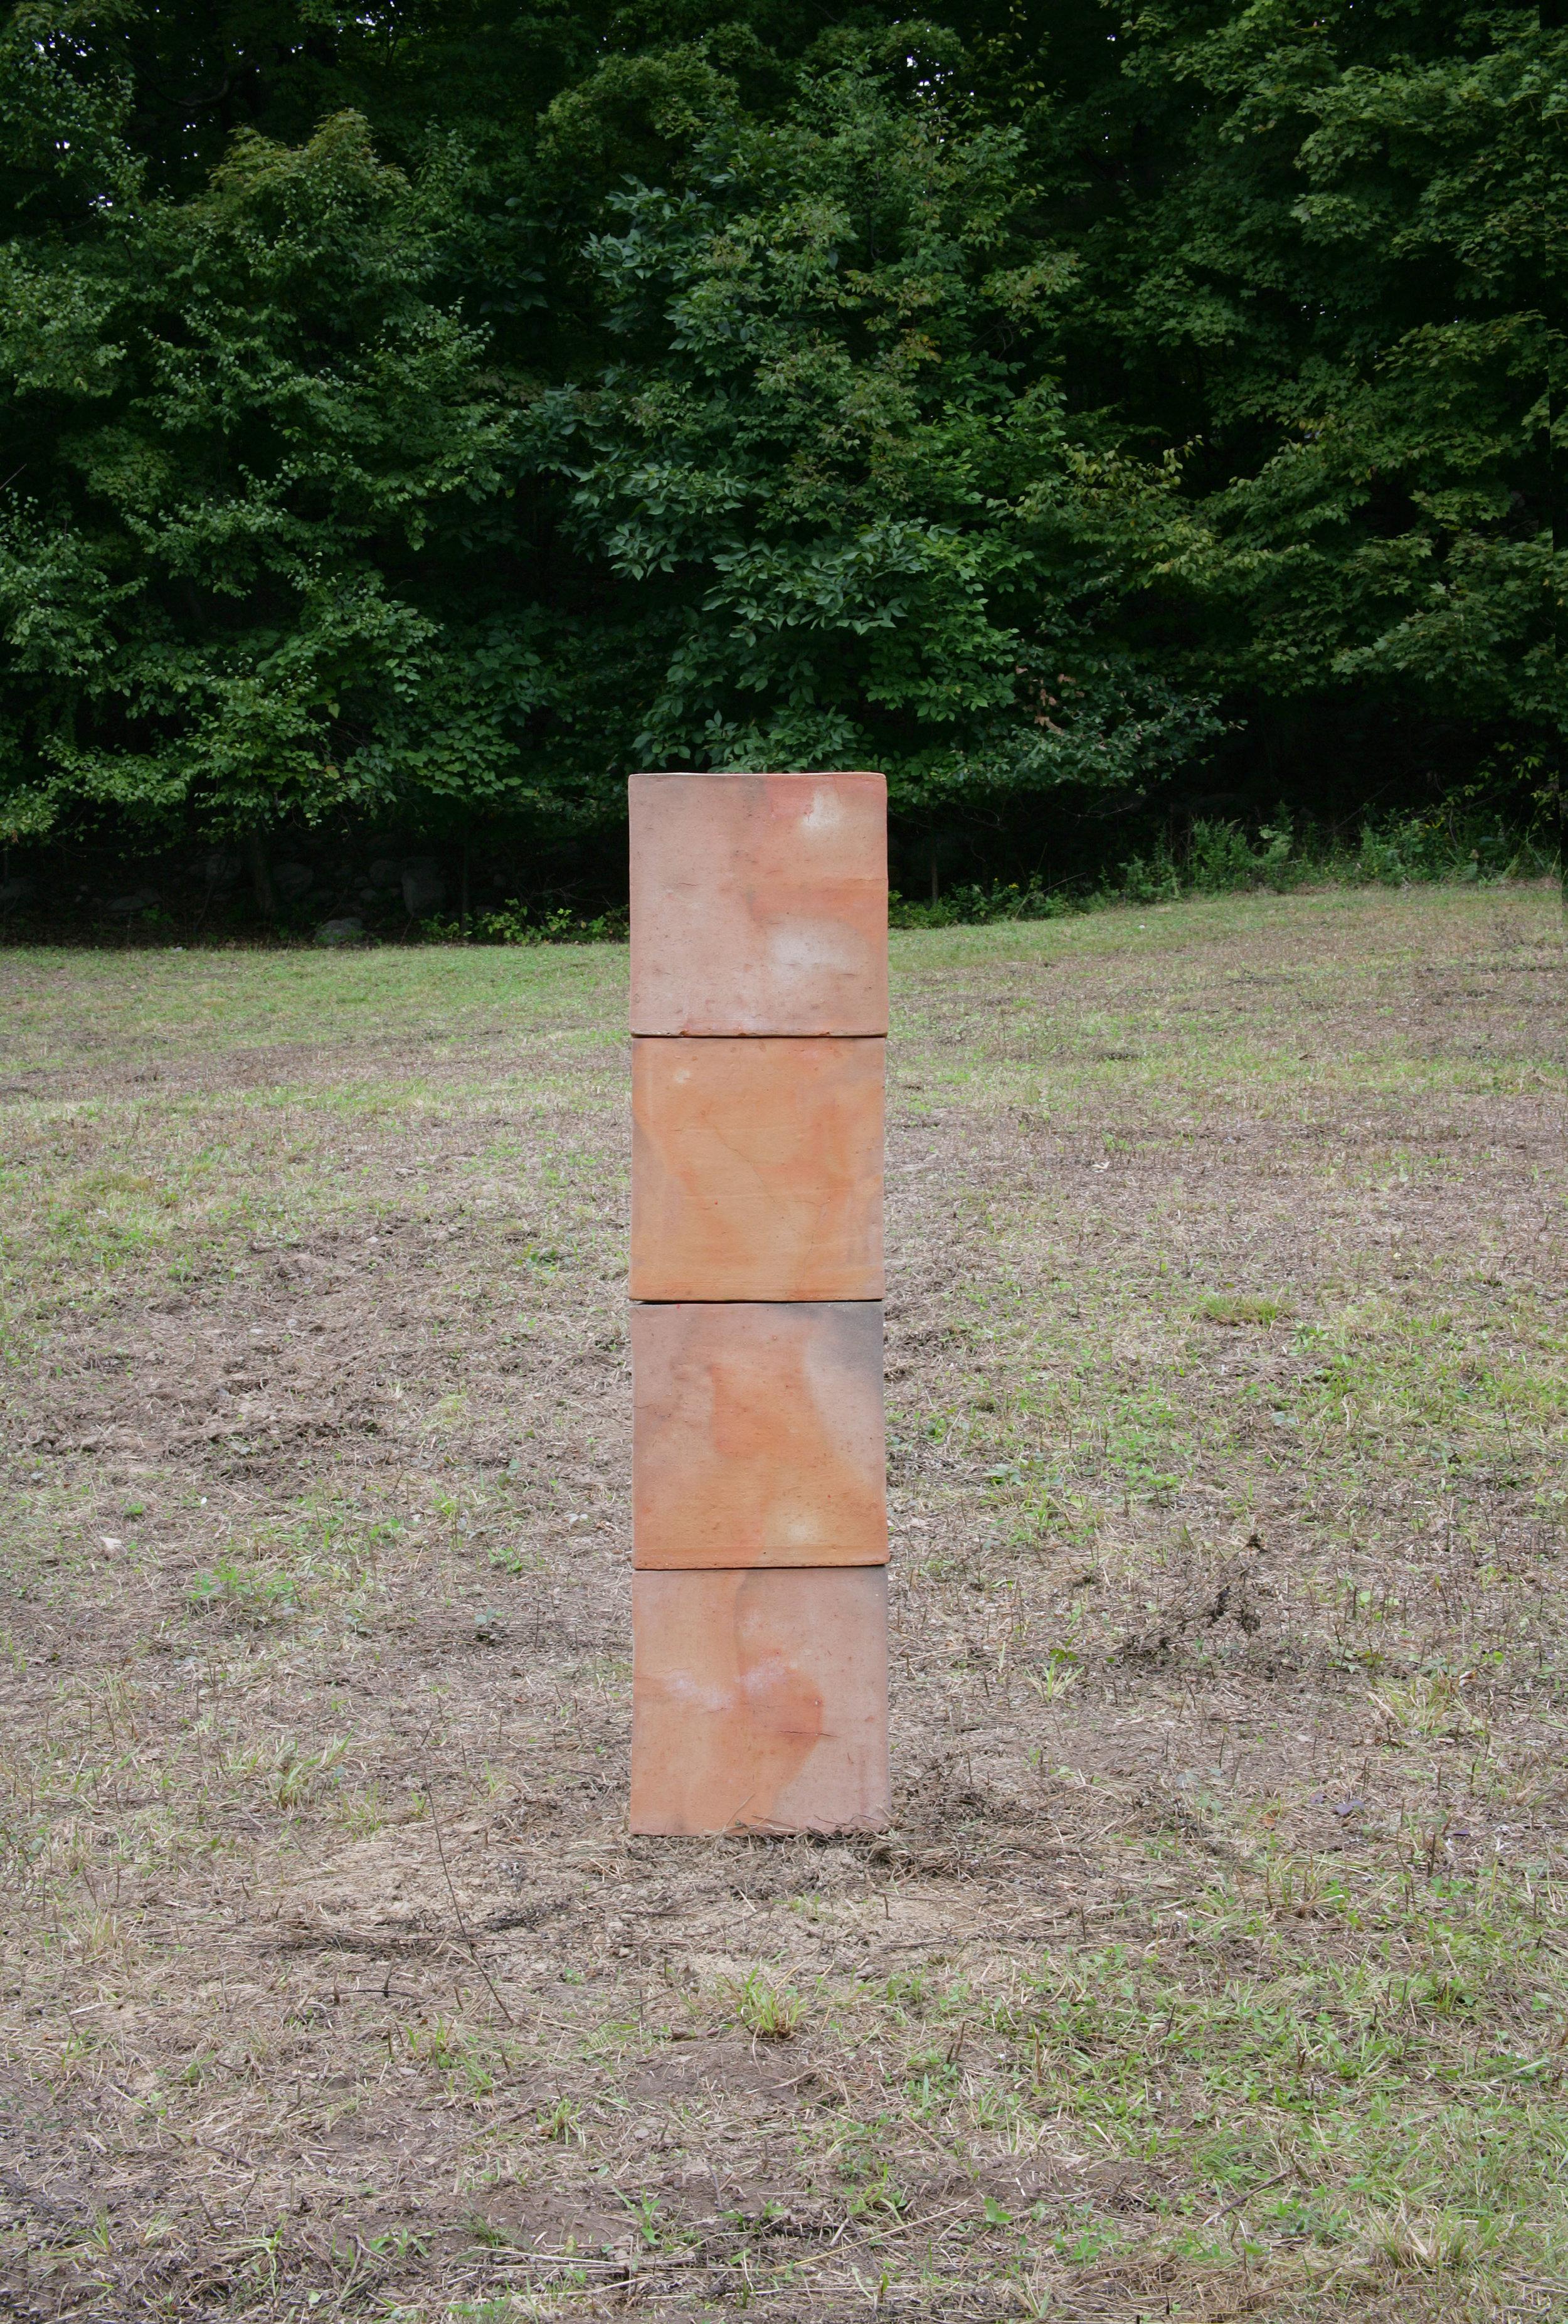 Bosco Sodi,   Untitled,  2017. Clay, 150 x 37 x 37 cm. (59 x 14.7 x 14.7 in.)